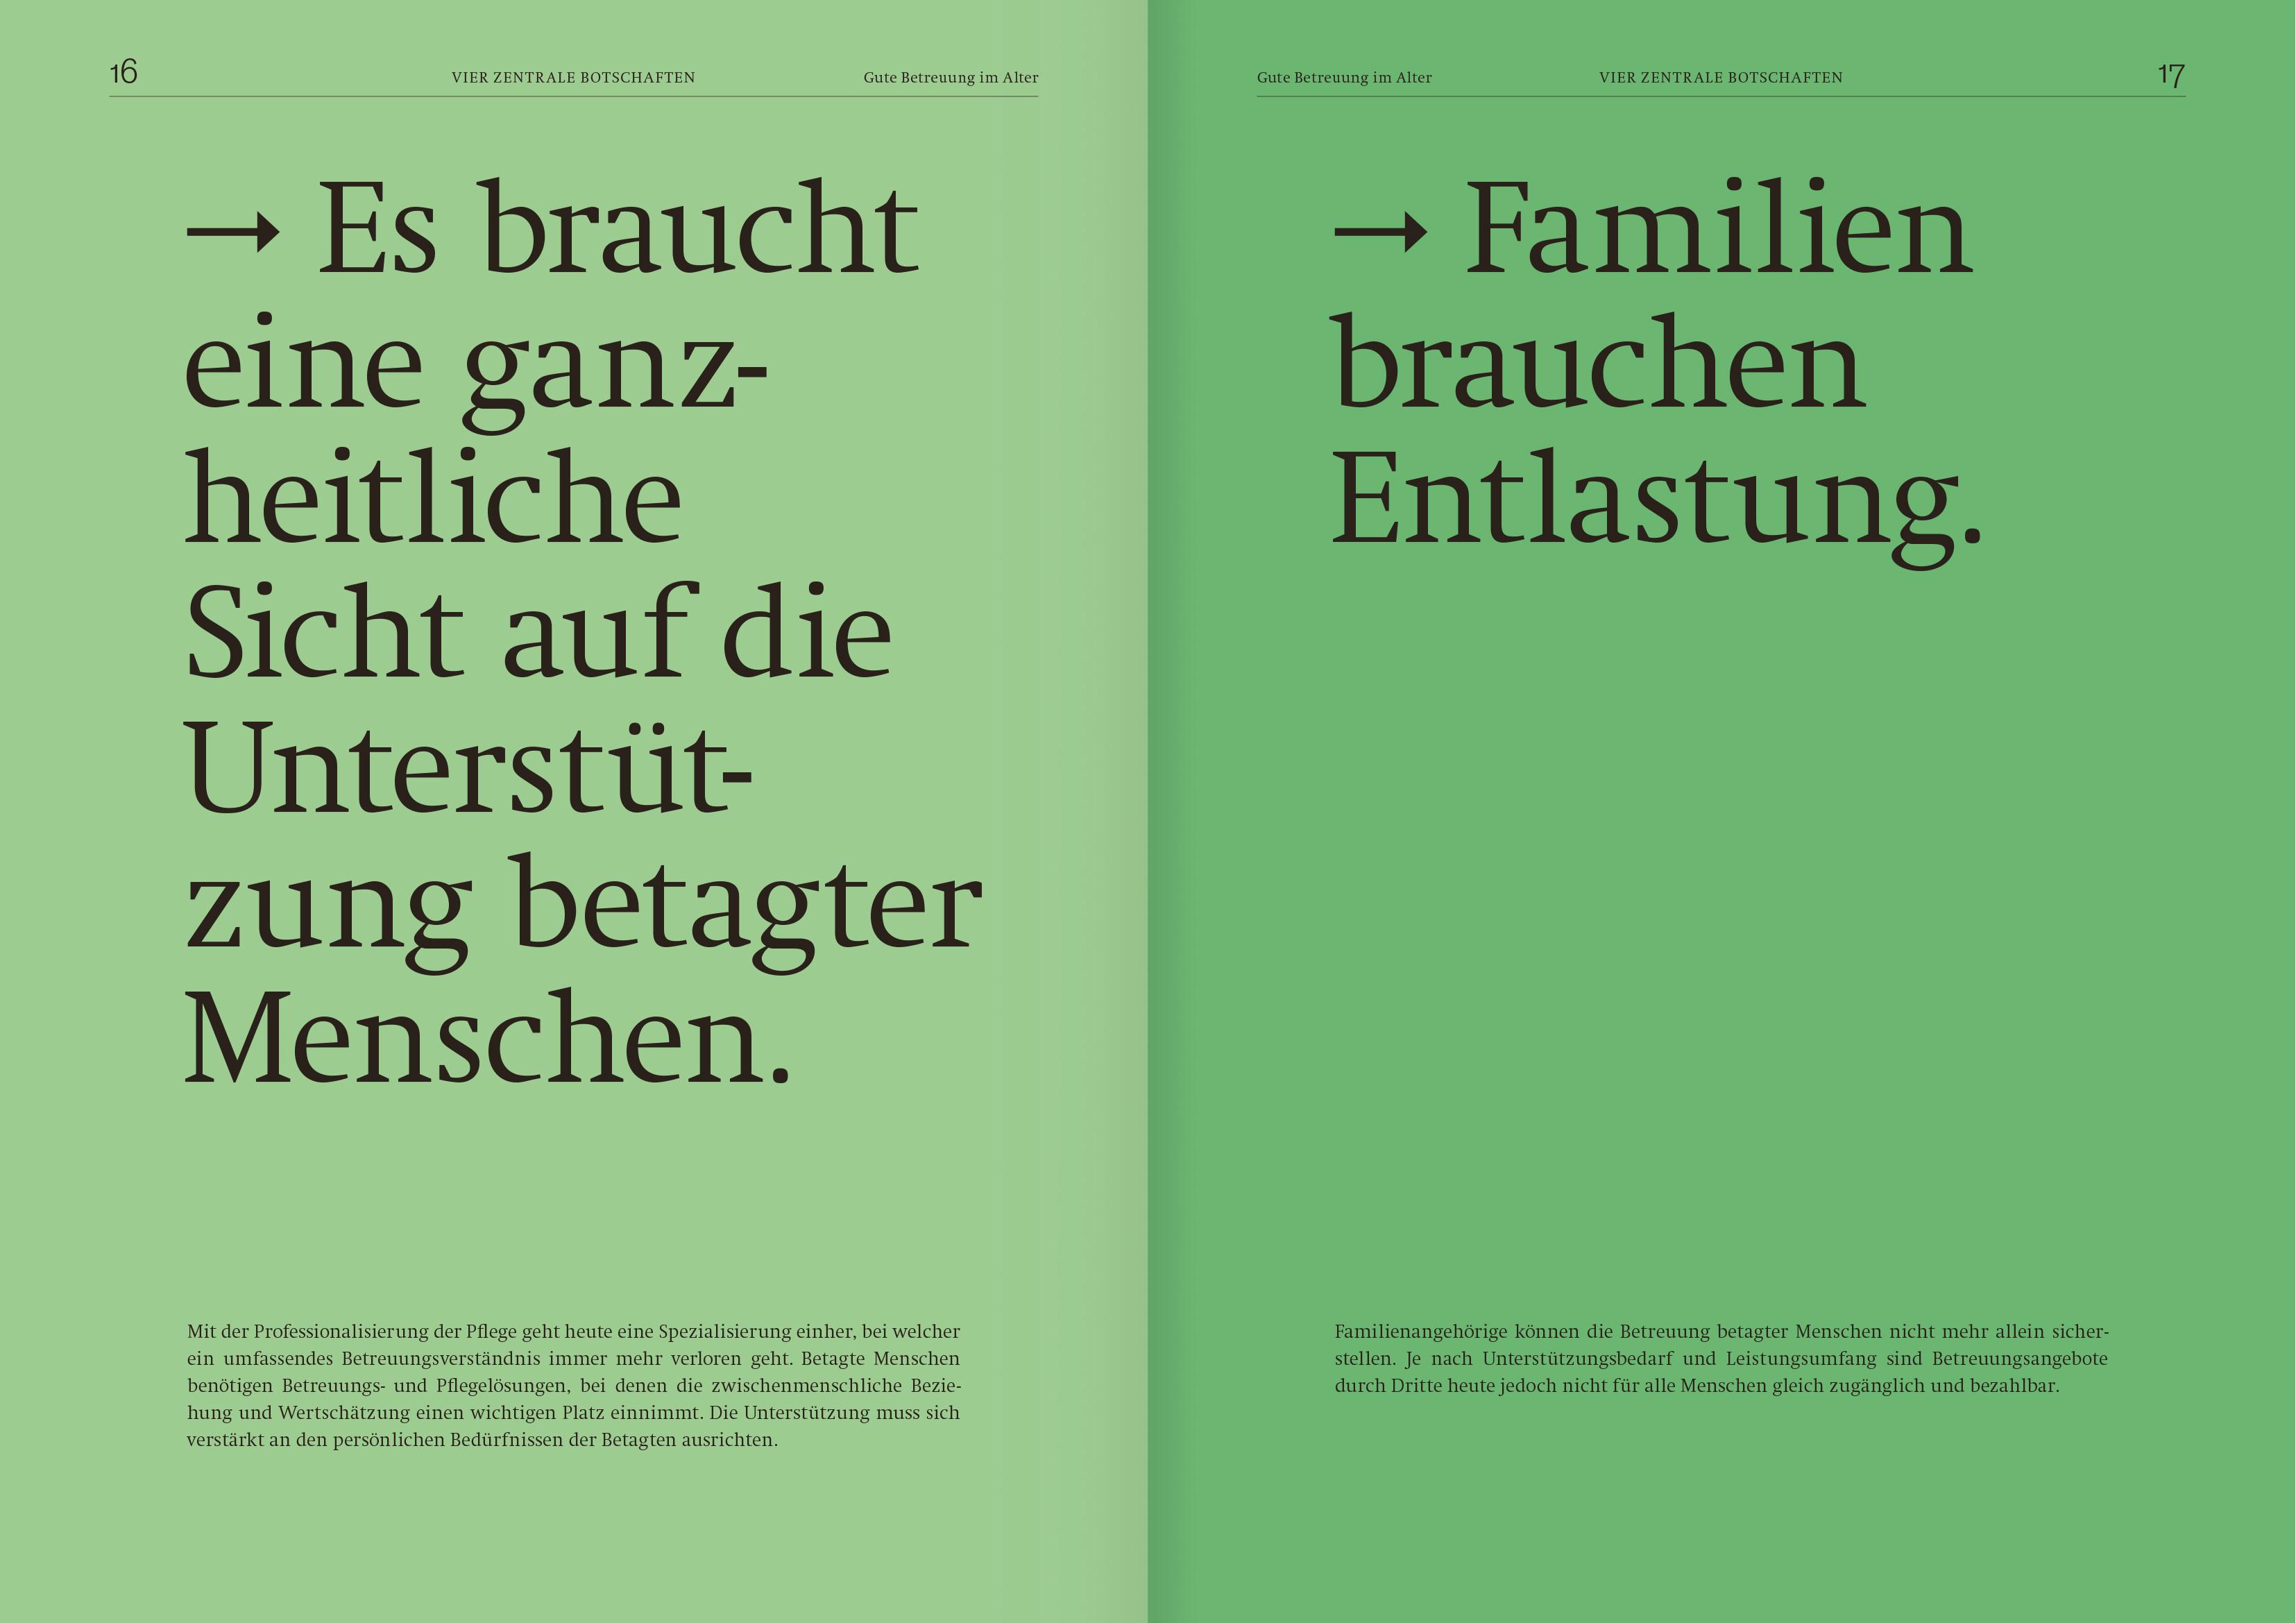 Das Thema Gute Betreuung im Alter in der Schweiz ins Gespräch bringen.